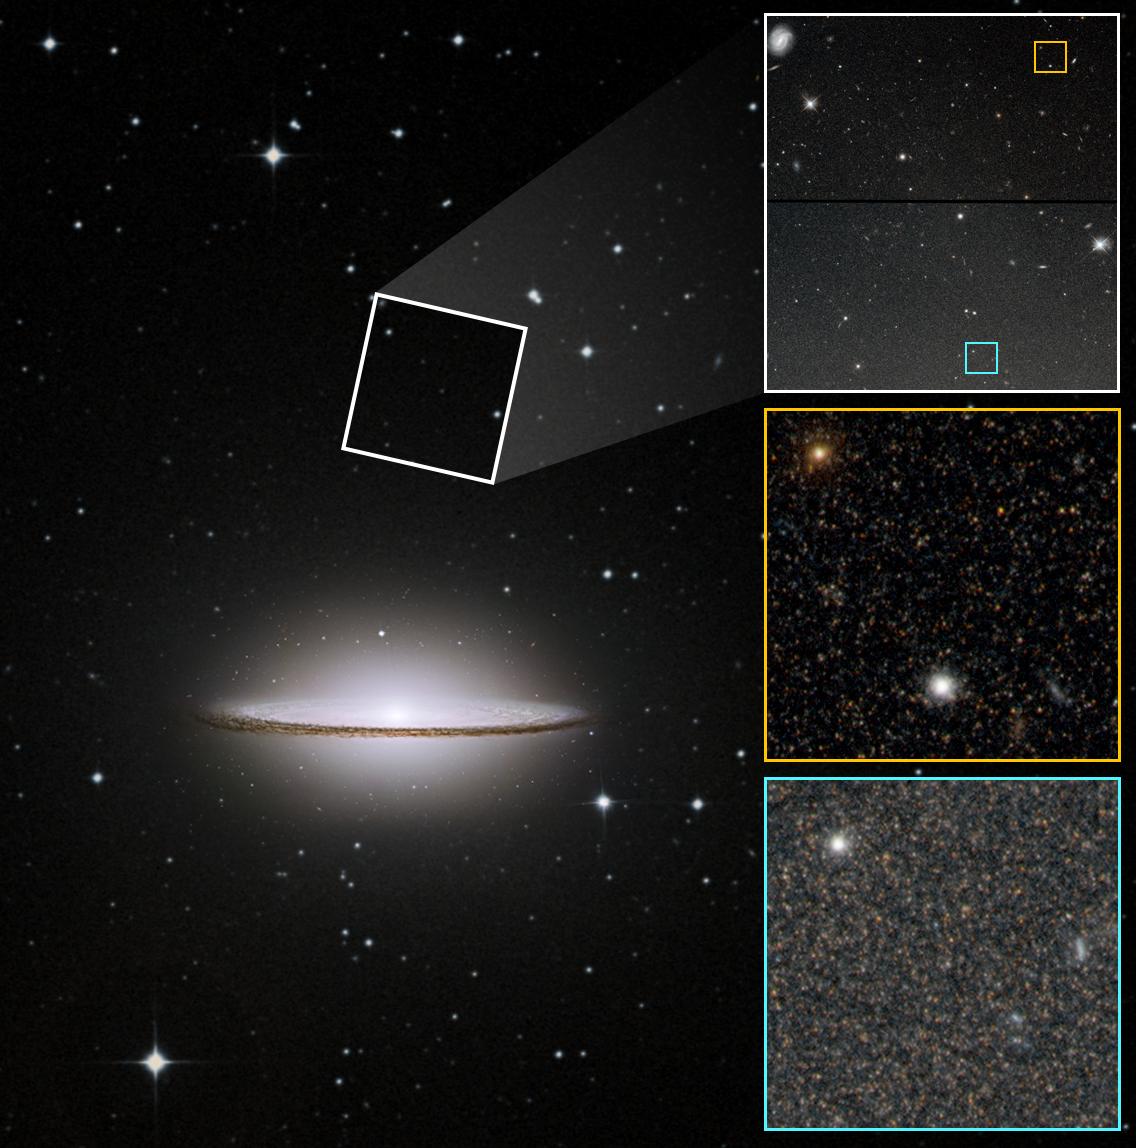 M104 Sombrero galaksen og udsnit af dens halo af stjerner